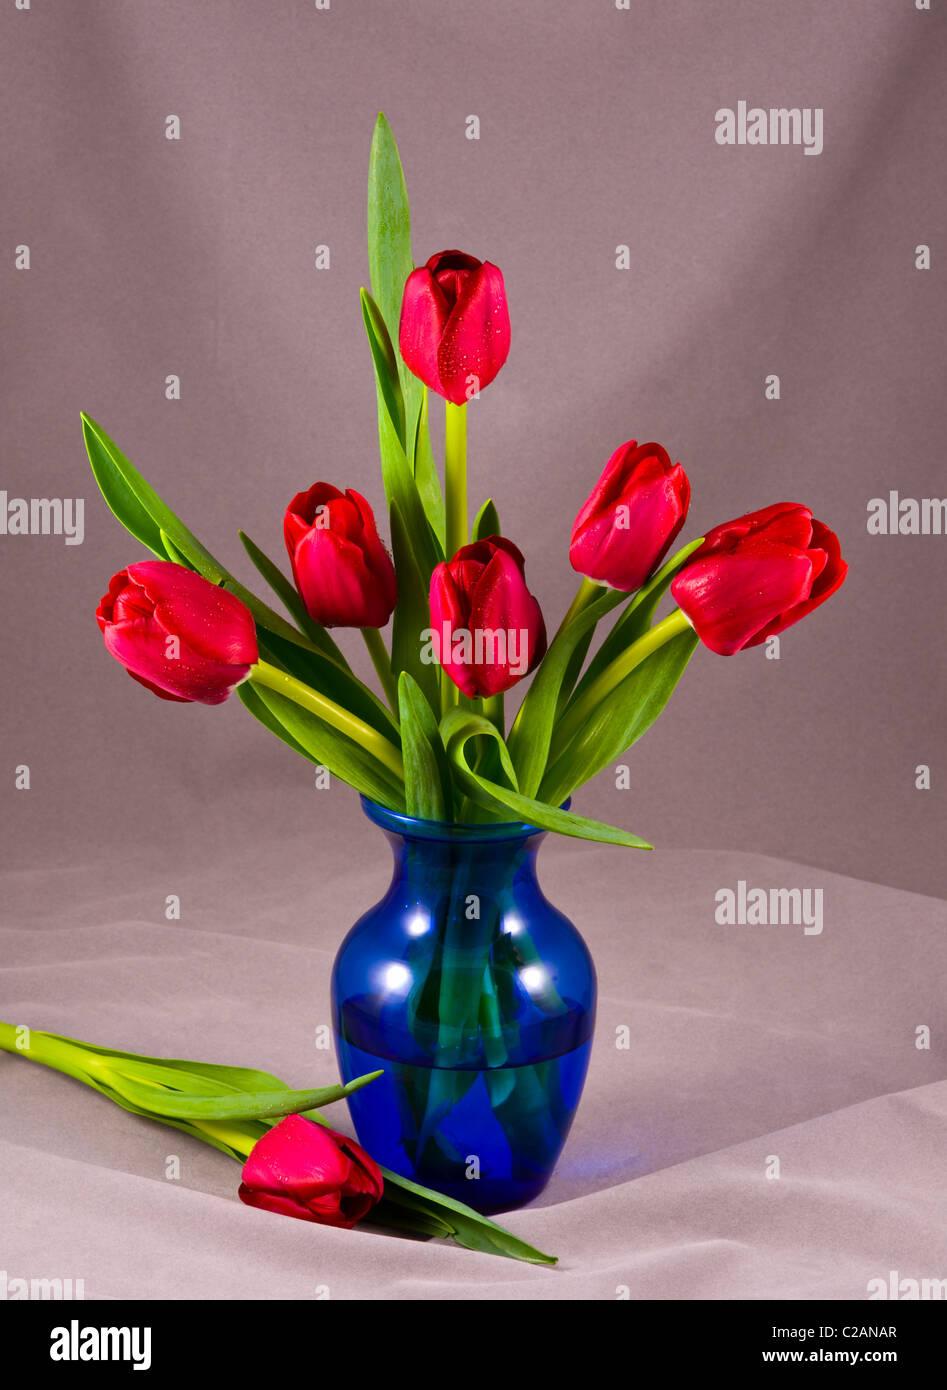 Rote Tulpen in blauer Vase Tau fällt Nebel Wasser Blumen Komposition Anordnung Stillleben Table-Top Set-up Stockbild